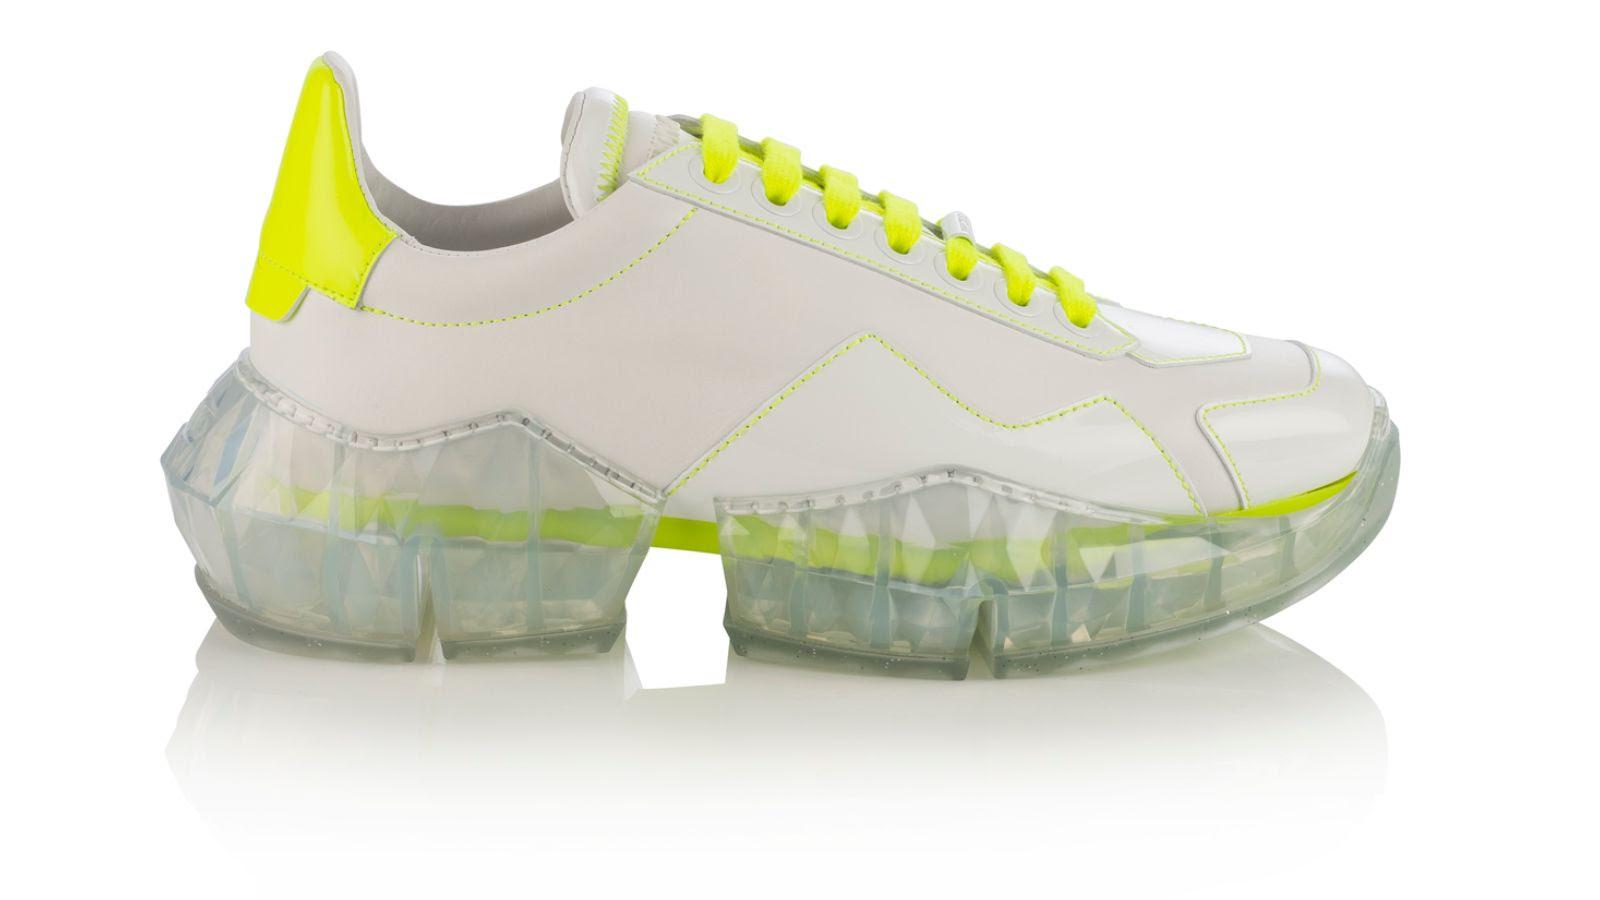 7cb93875 6850 4d2c 8bff b3d74b315715 - Kaia Gerber tiene la selección de prendas y calzado perfectos para hacer deporte en casa